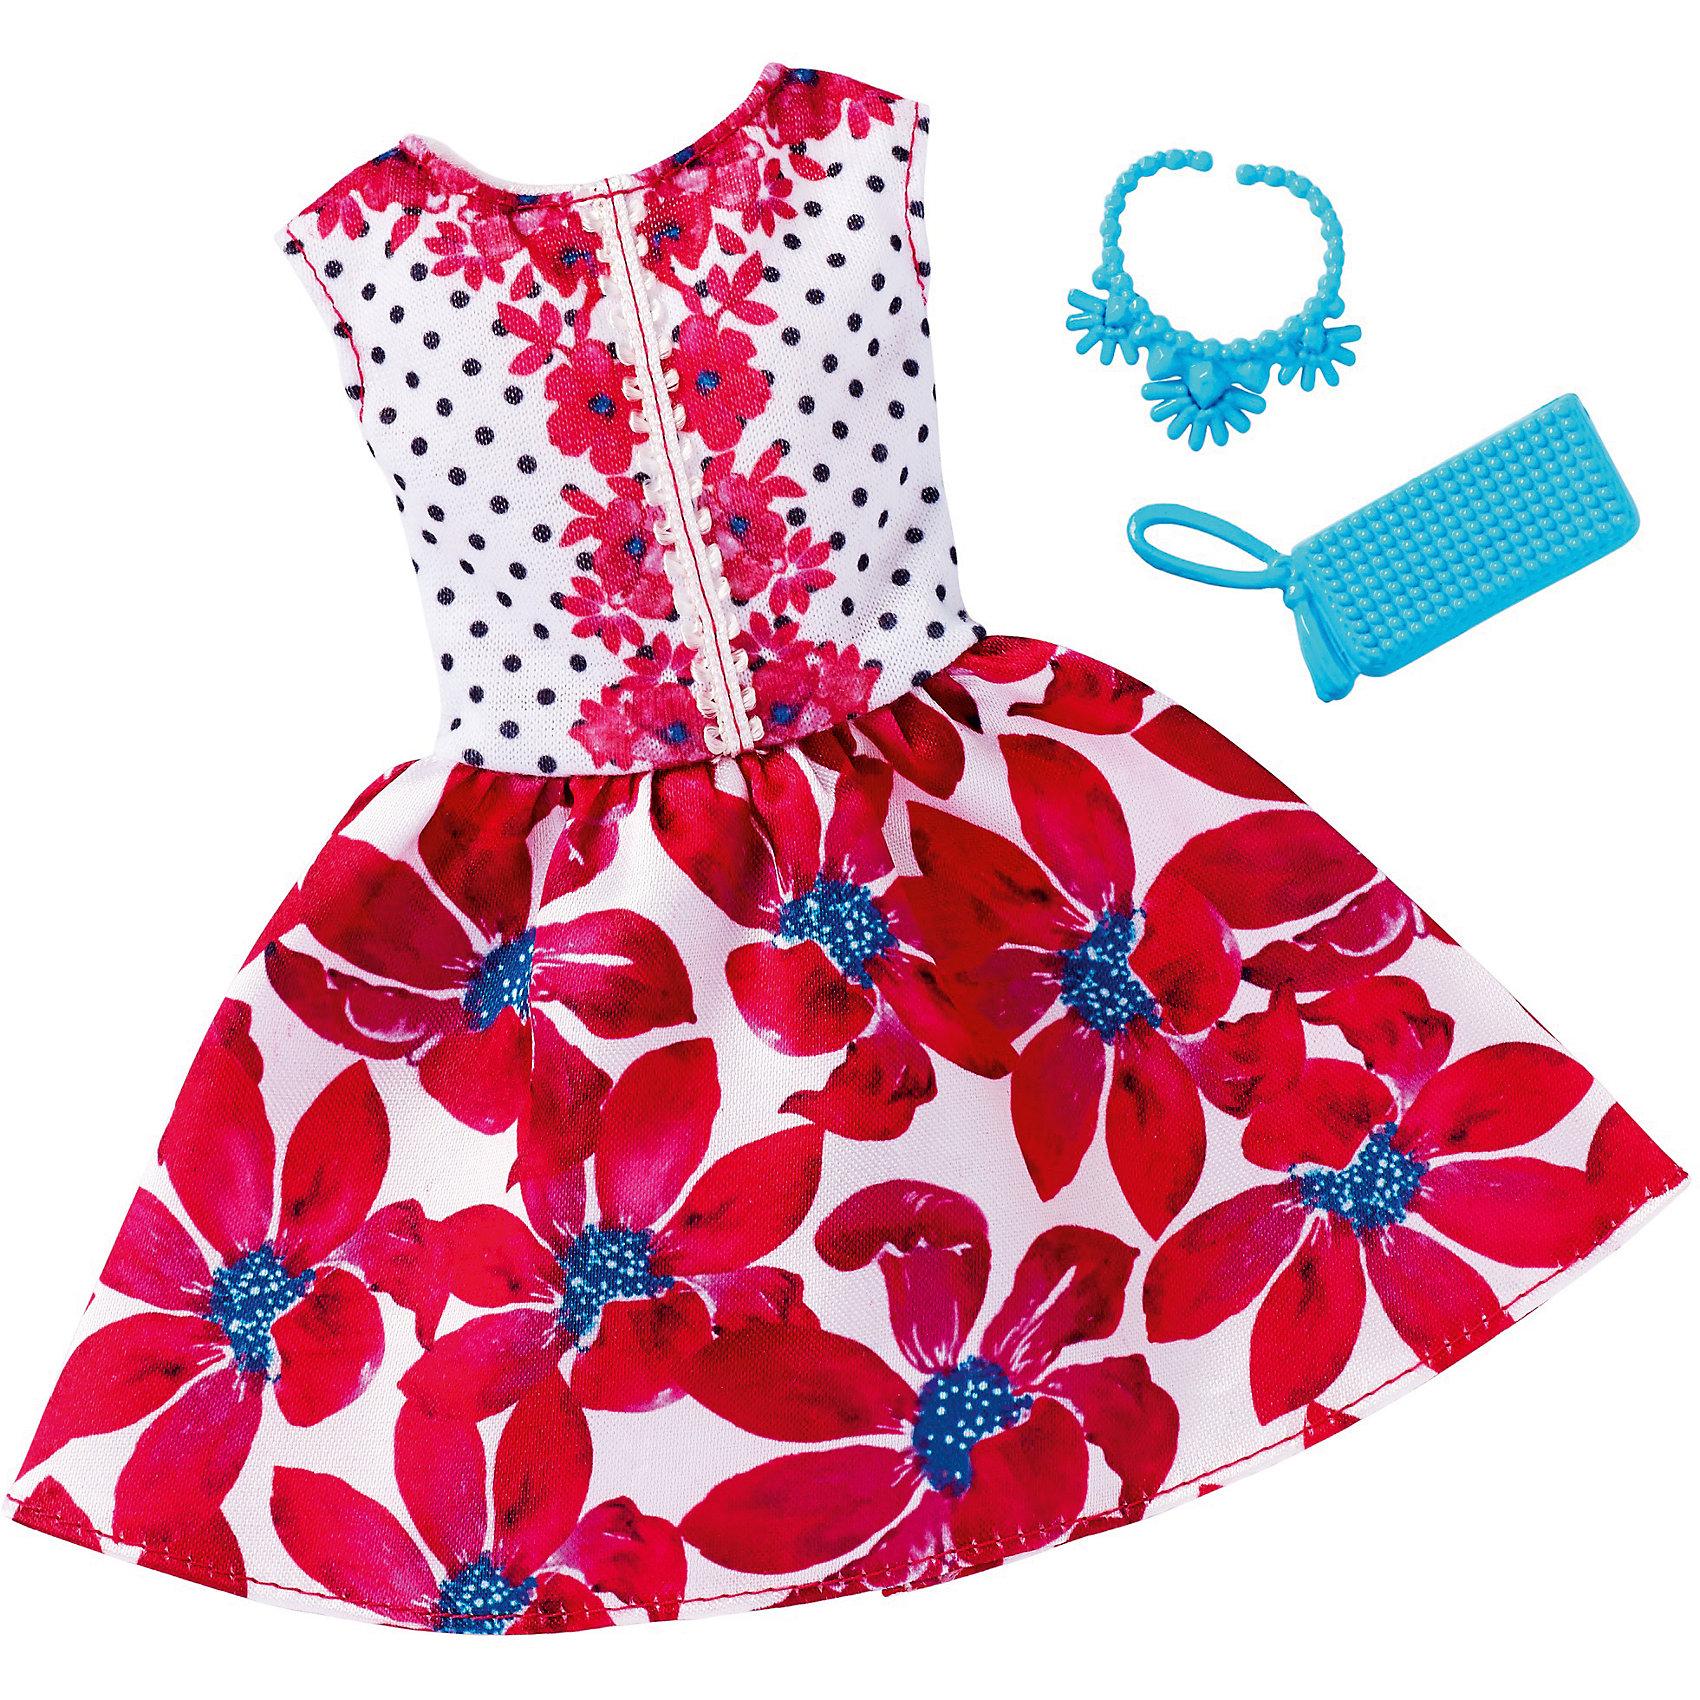 Универсальное праздничное платье для BarbieКукольная одежда и аксессуары<br><br><br>Ширина мм: 257<br>Глубина мм: 116<br>Высота мм: 12<br>Вес г: 26<br>Возраст от месяцев: 36<br>Возраст до месяцев: 72<br>Пол: Женский<br>Возраст: Детский<br>SKU: 6680135